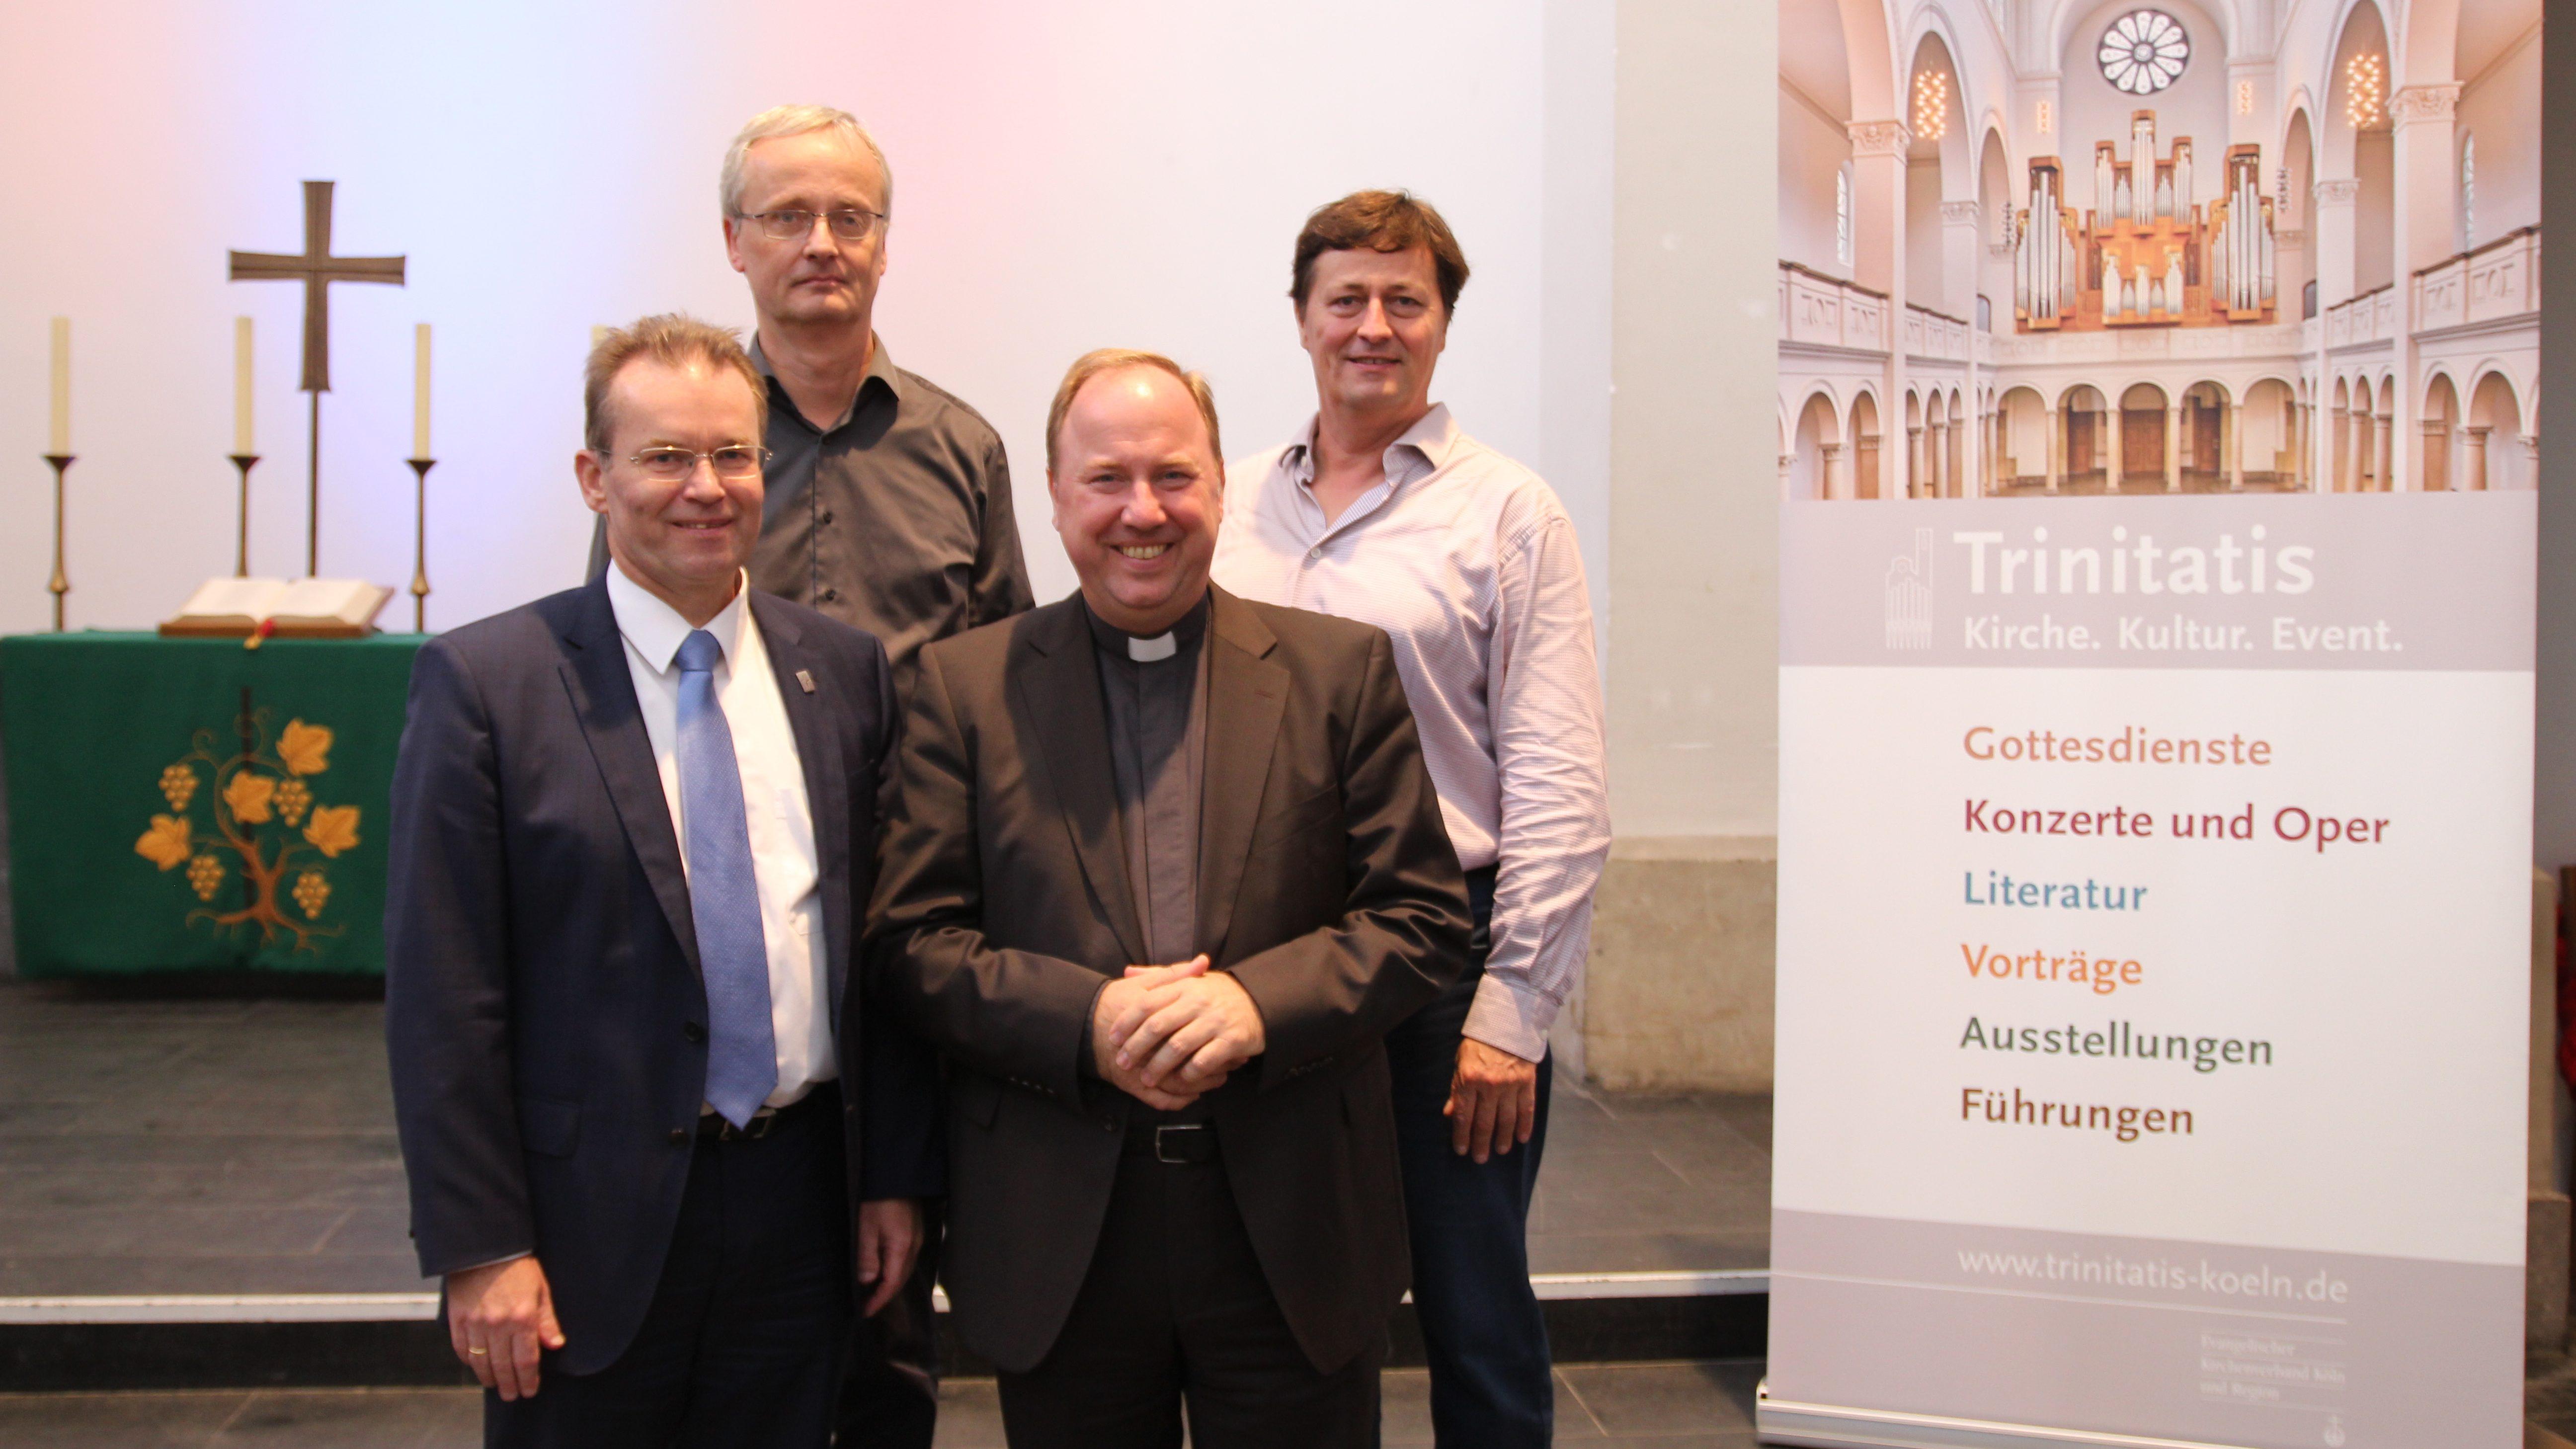 10. ökumenisches Kirchenmusikfestival in Köln beginnt